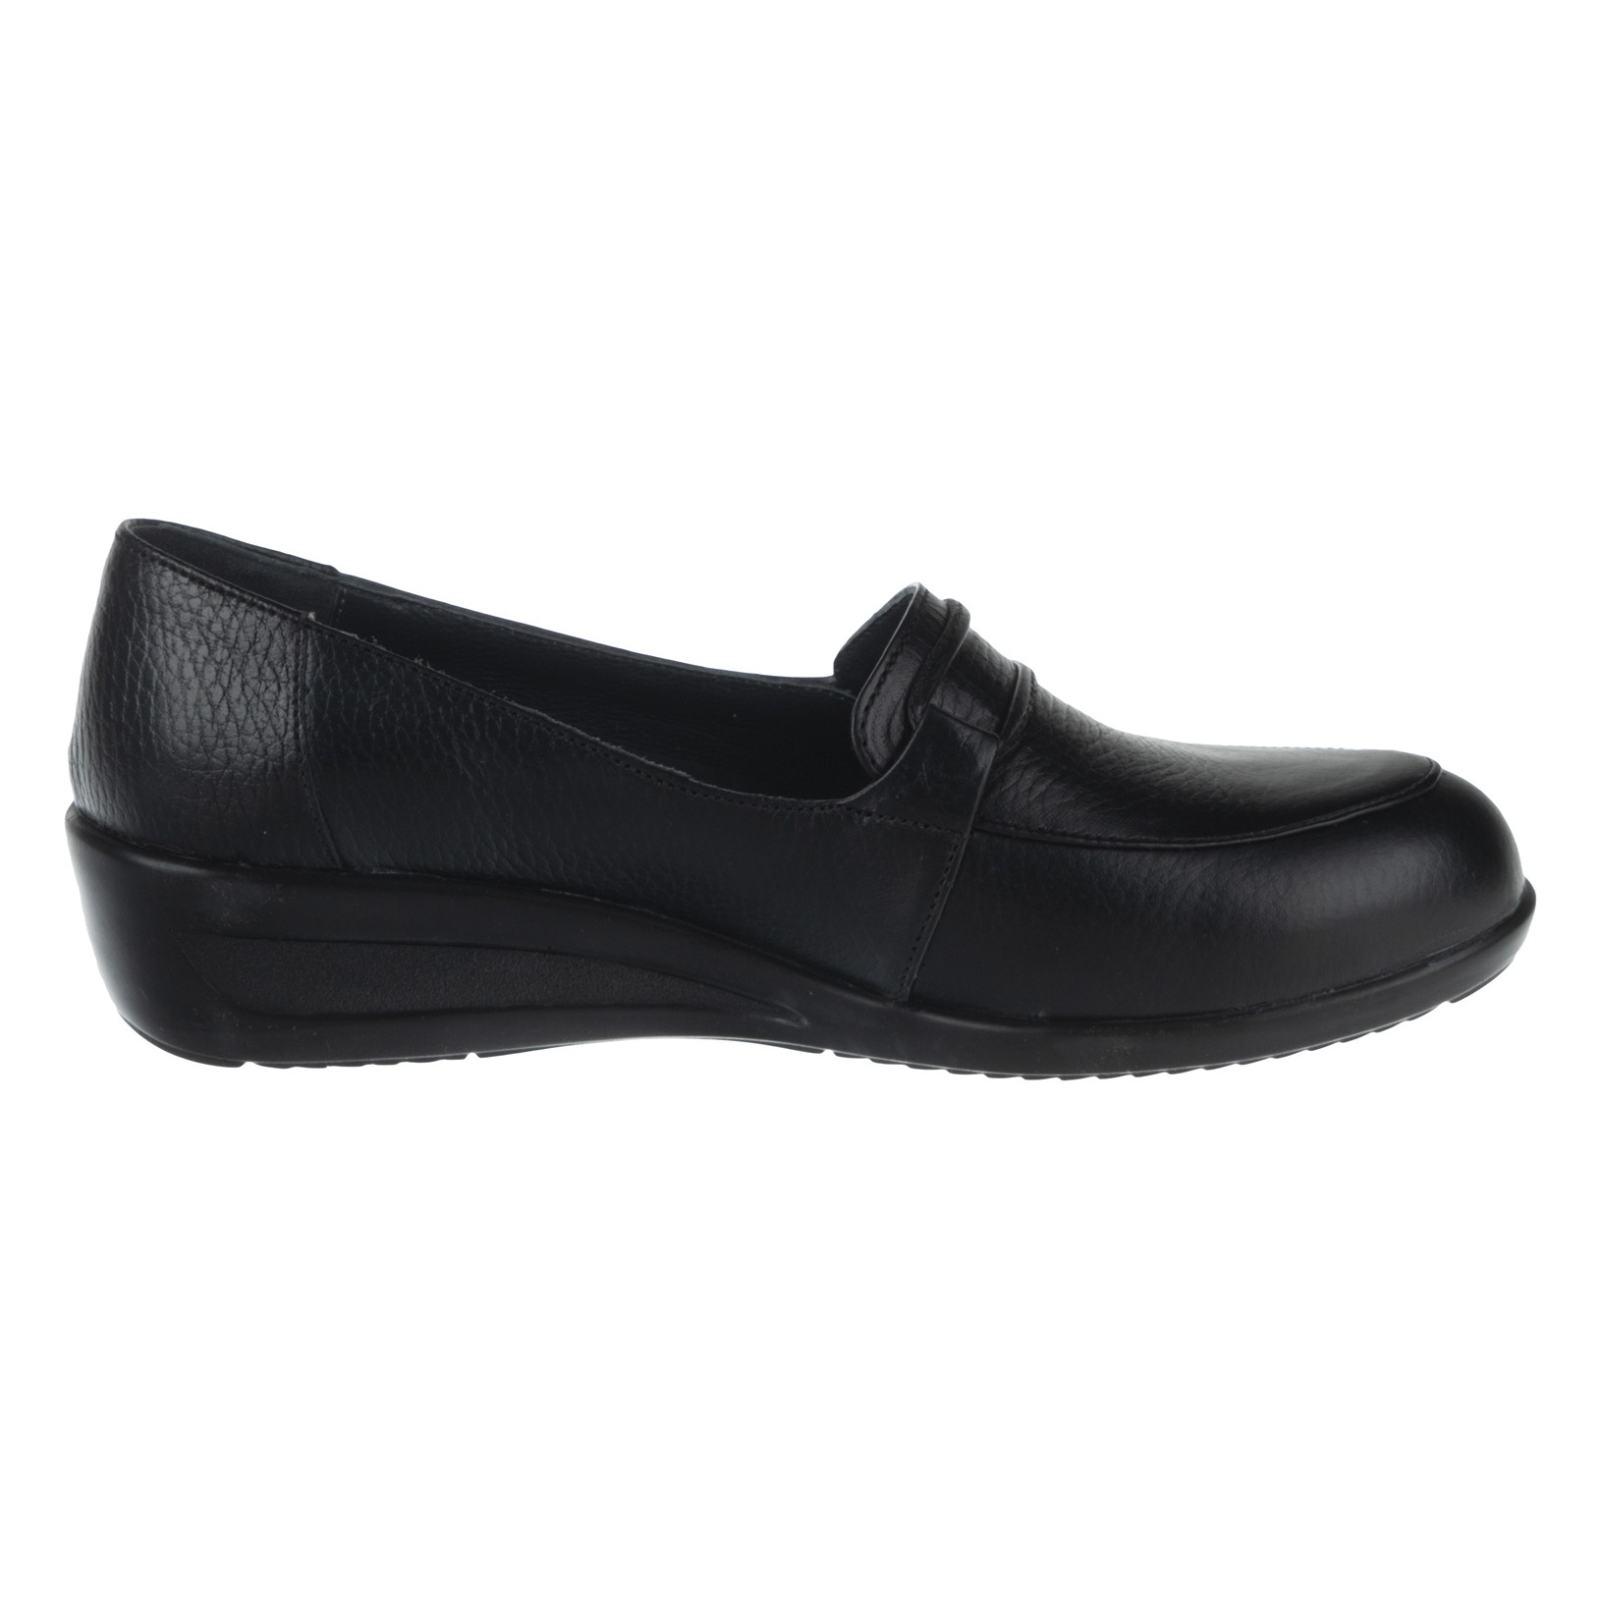 کفش روزمره زنانه شیفر مدل 5279A-101 - مشکی - 4